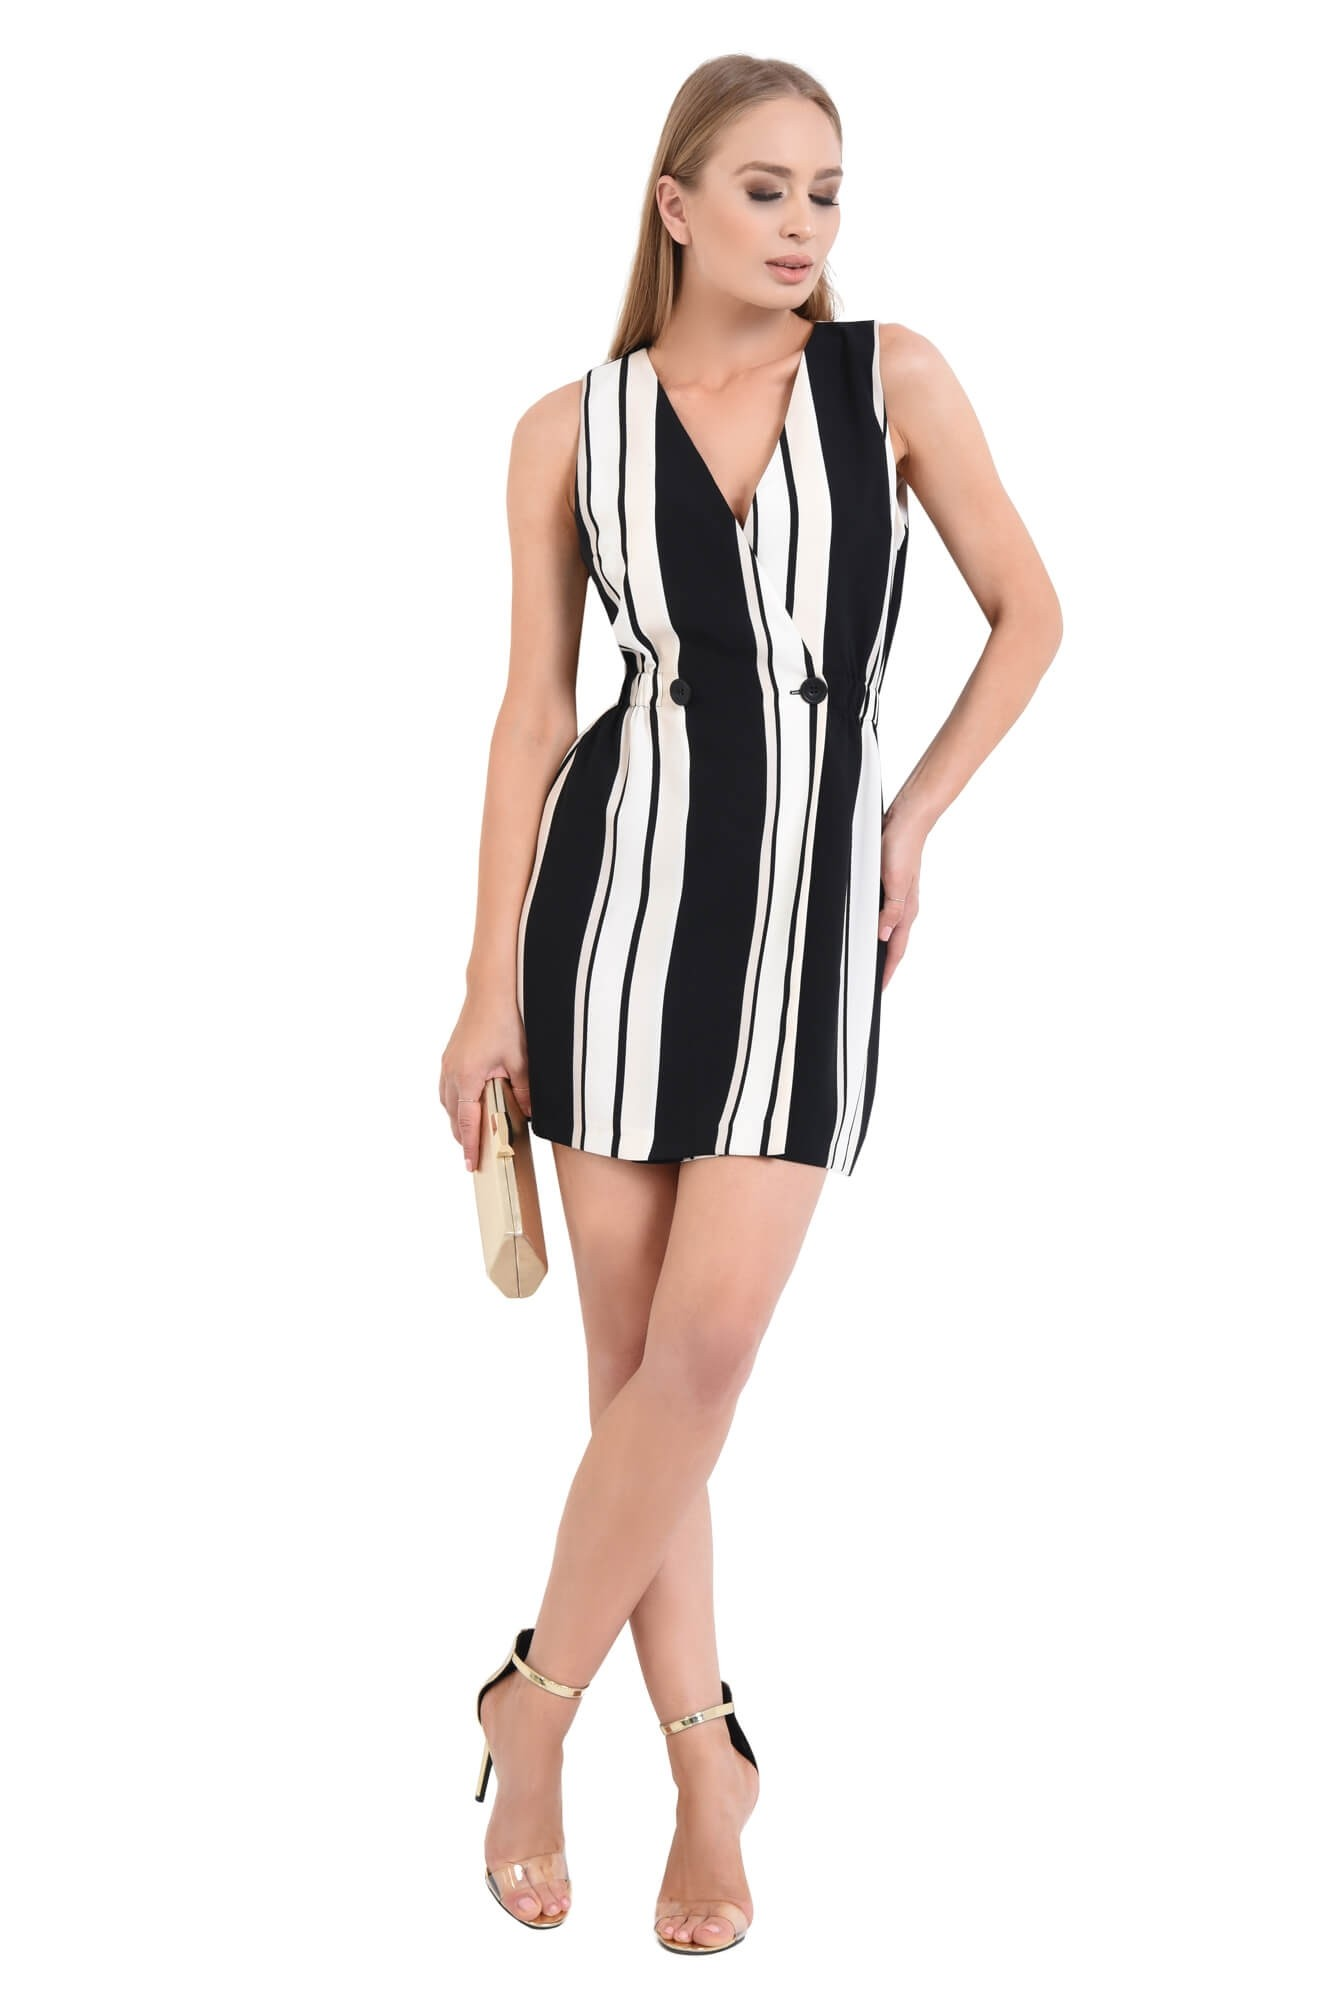 0 - rochie eleganta, cu imprimeu, dungi, alb-negru, scurta, rochie de ocazie